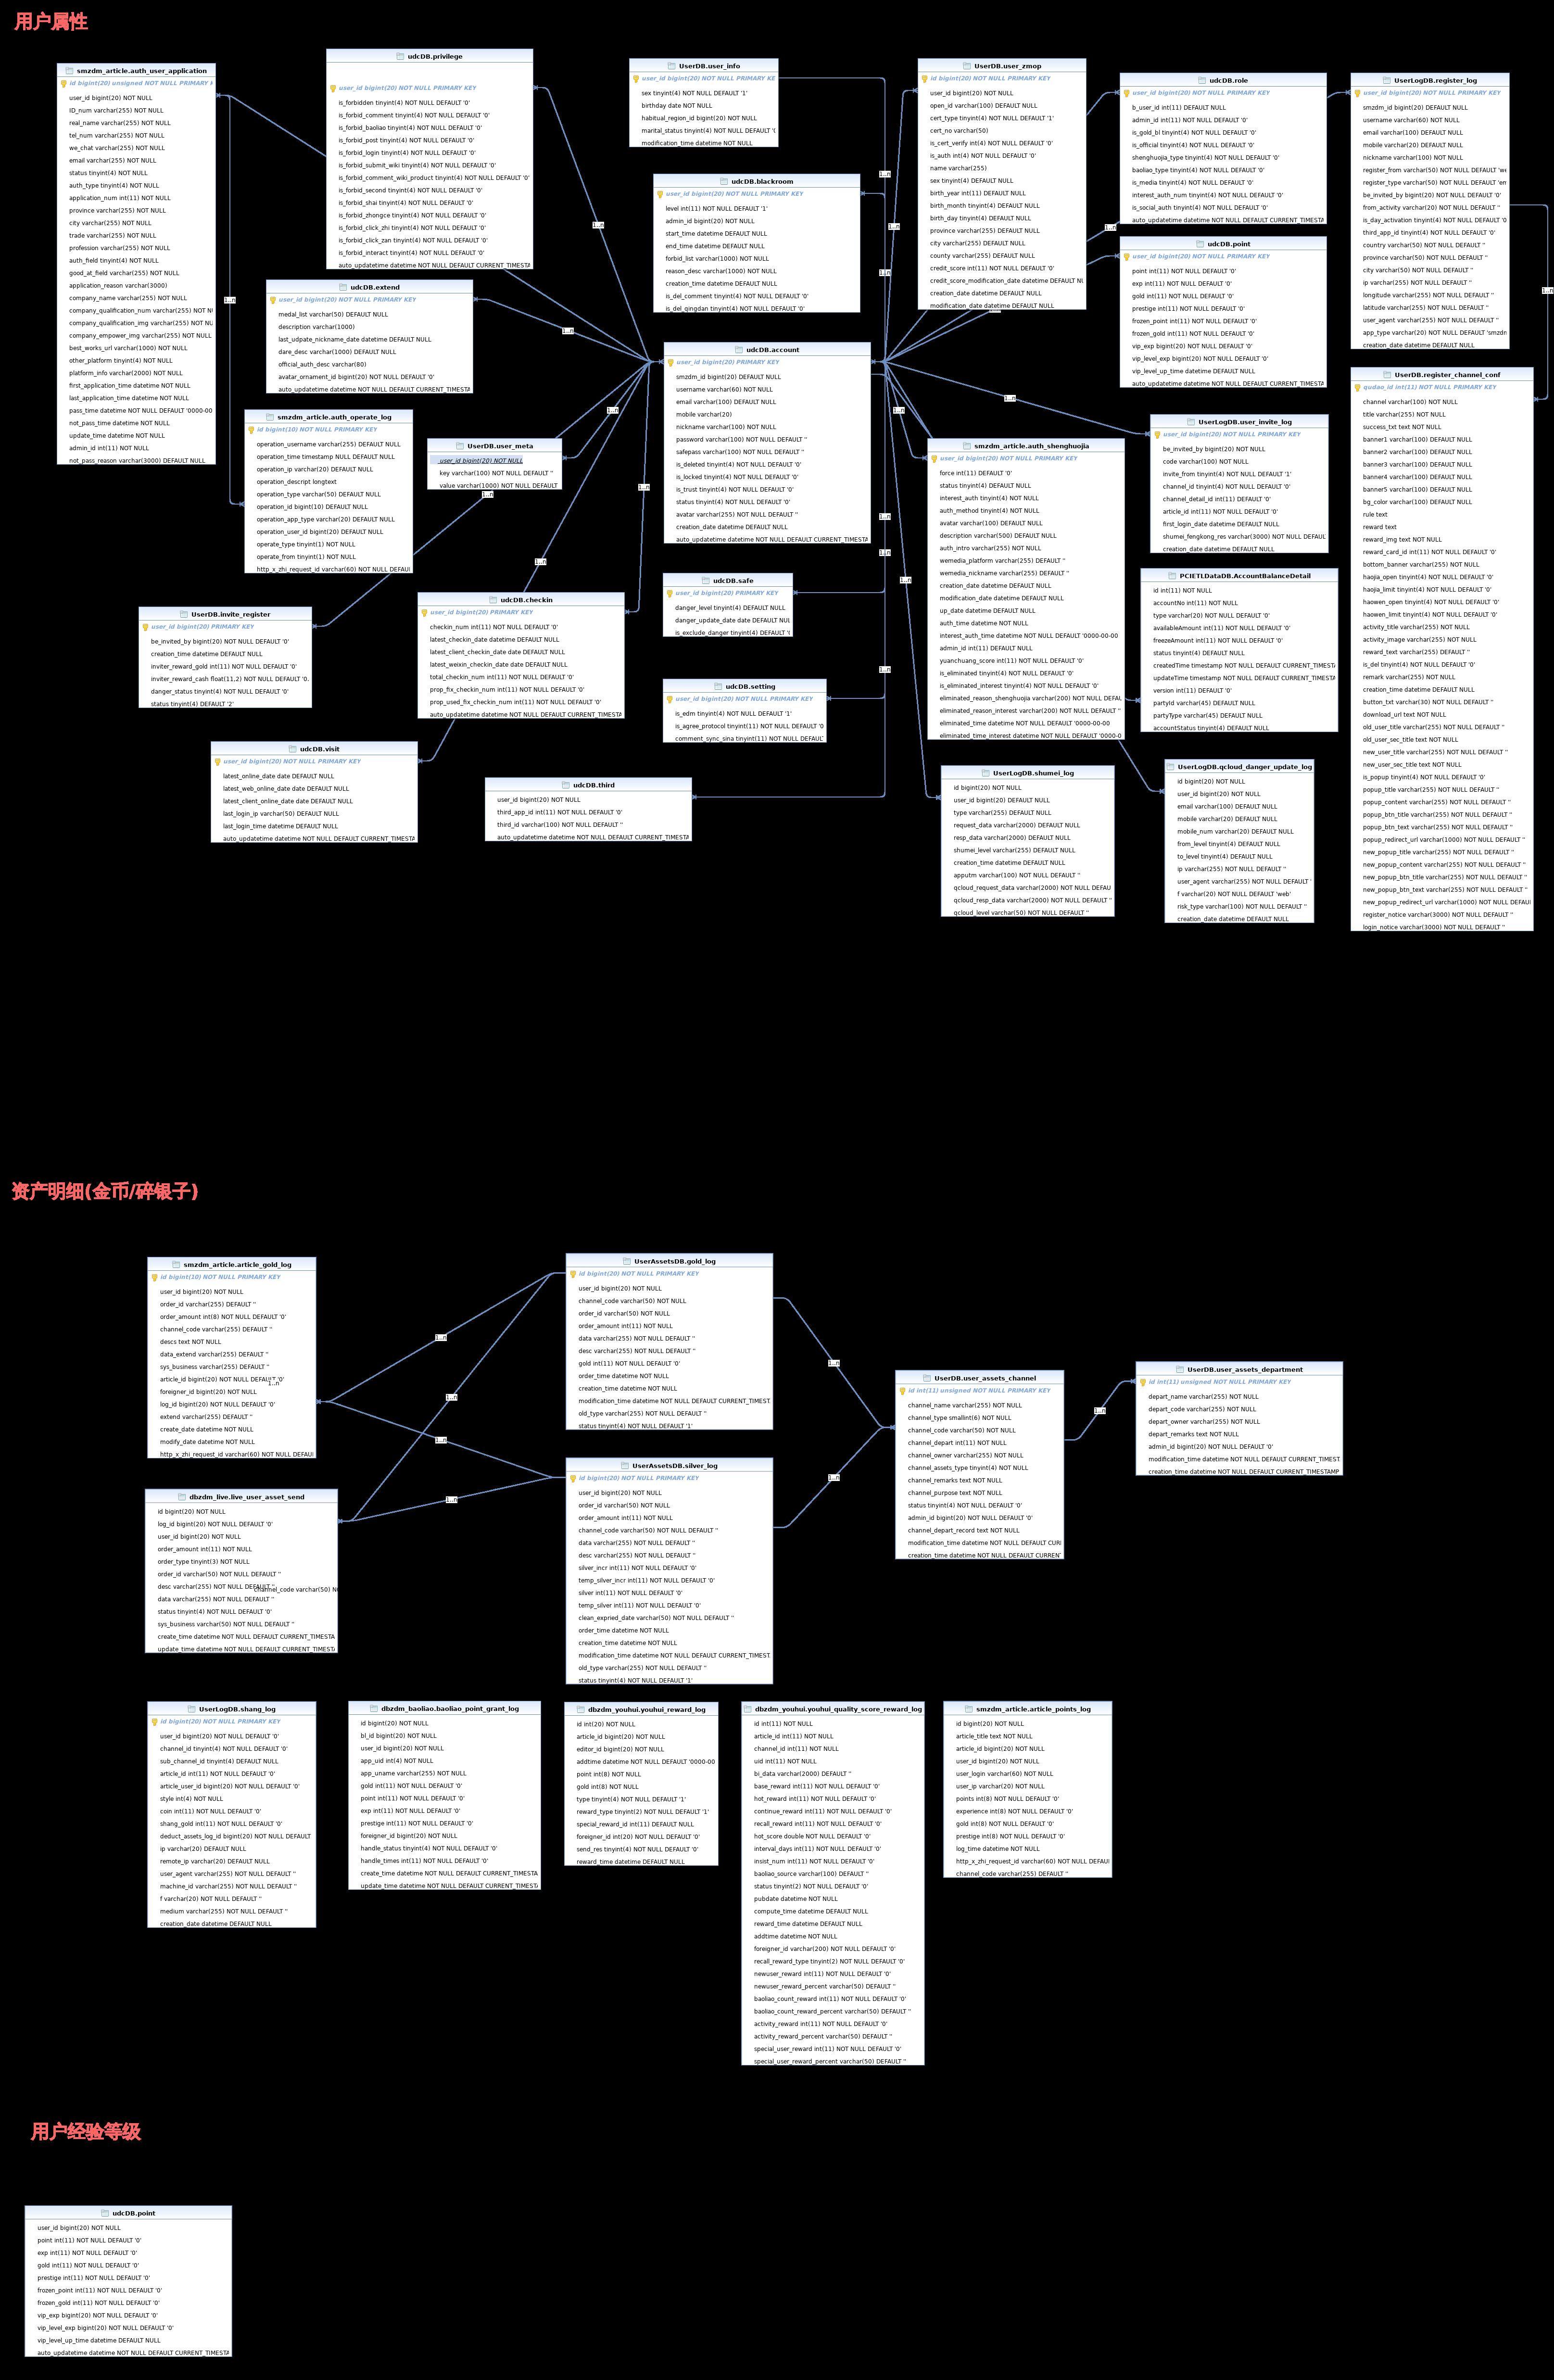 在线制图-db_user.xml